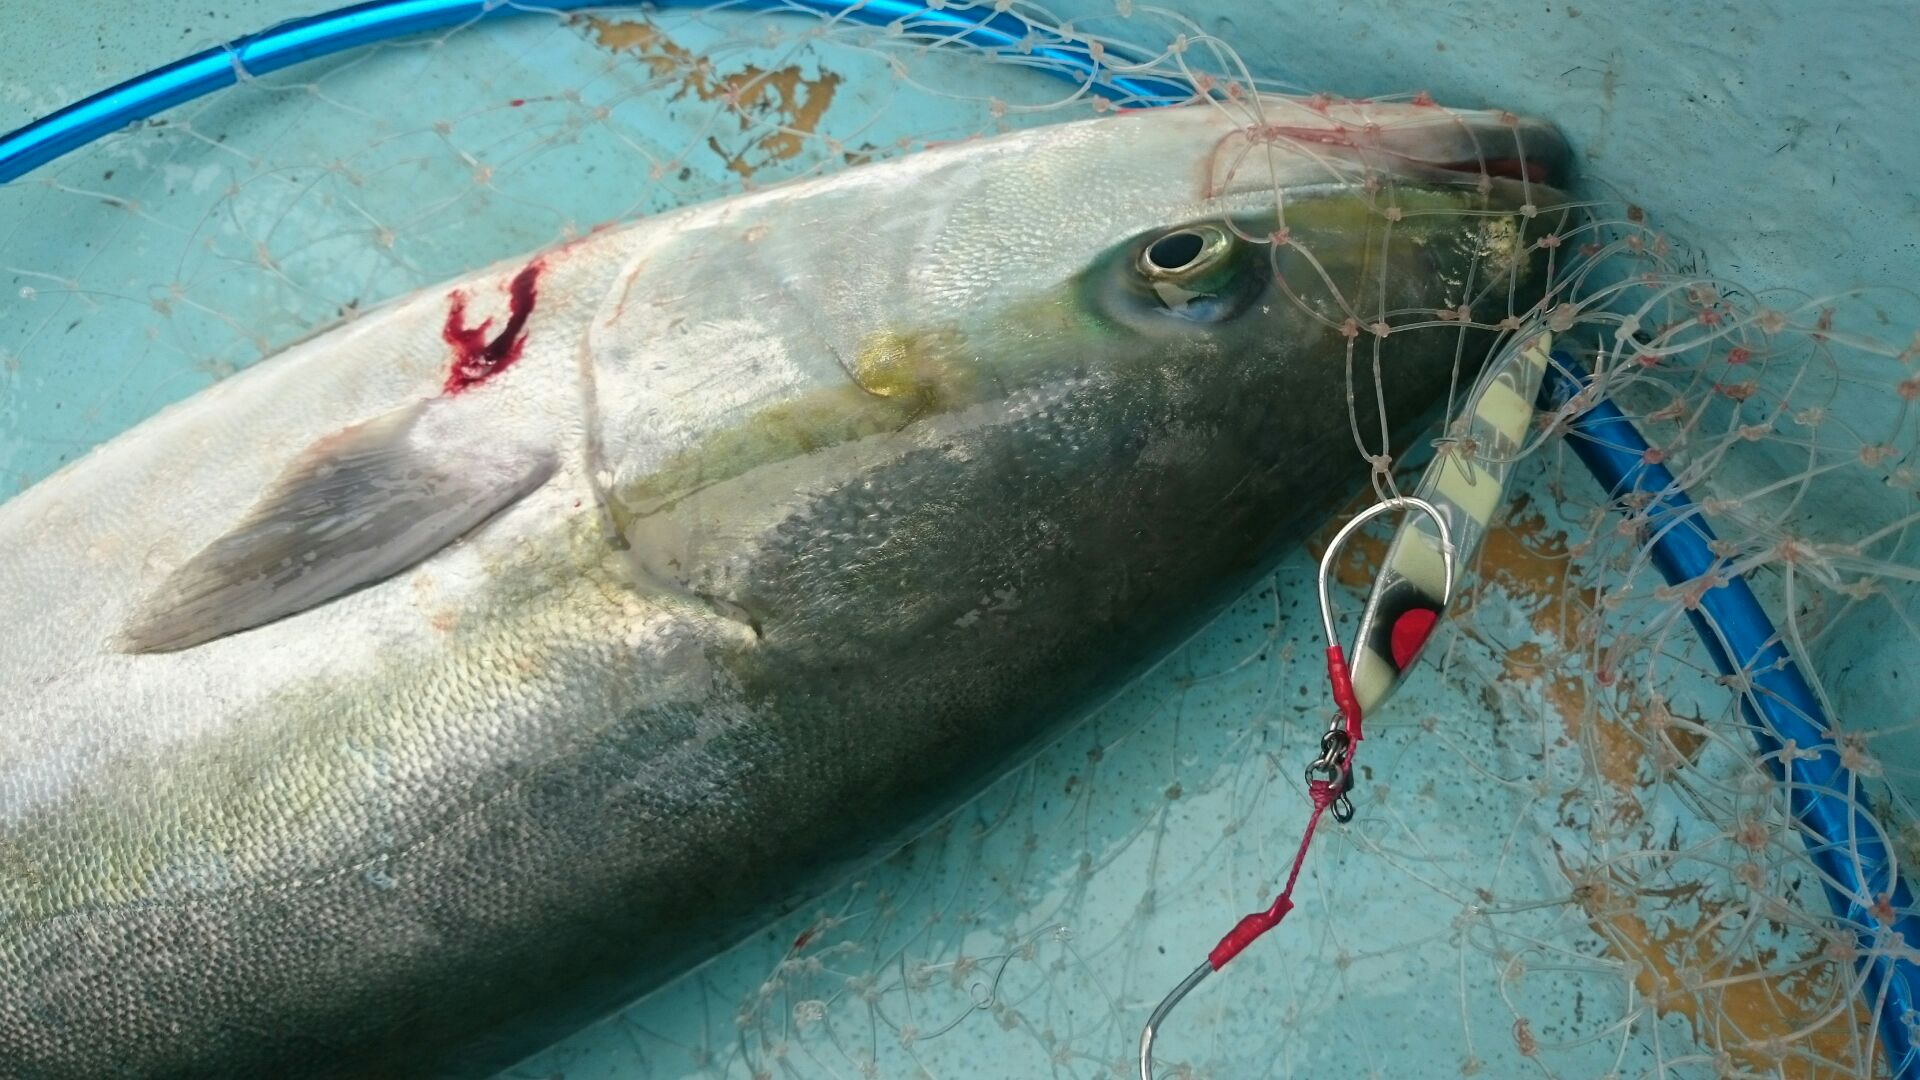 CBONEの名作ジグのクイックゼロワンと同じ使い方で良く釣れます! ハヤブサ ジャックアイスロー200g コストパフォーマンス抜群!